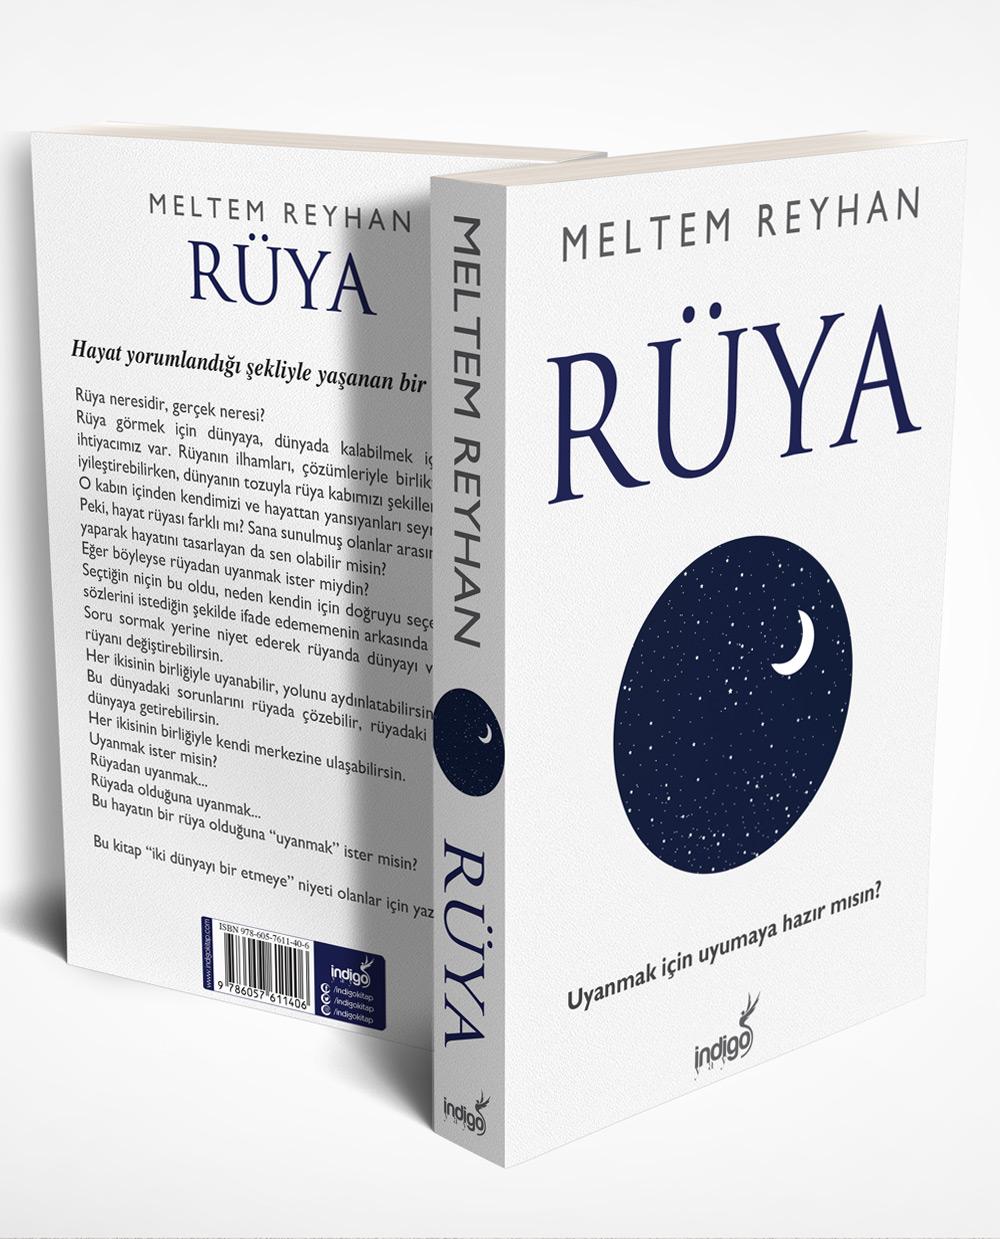 Meltem Reyhan Rüya Kitabı